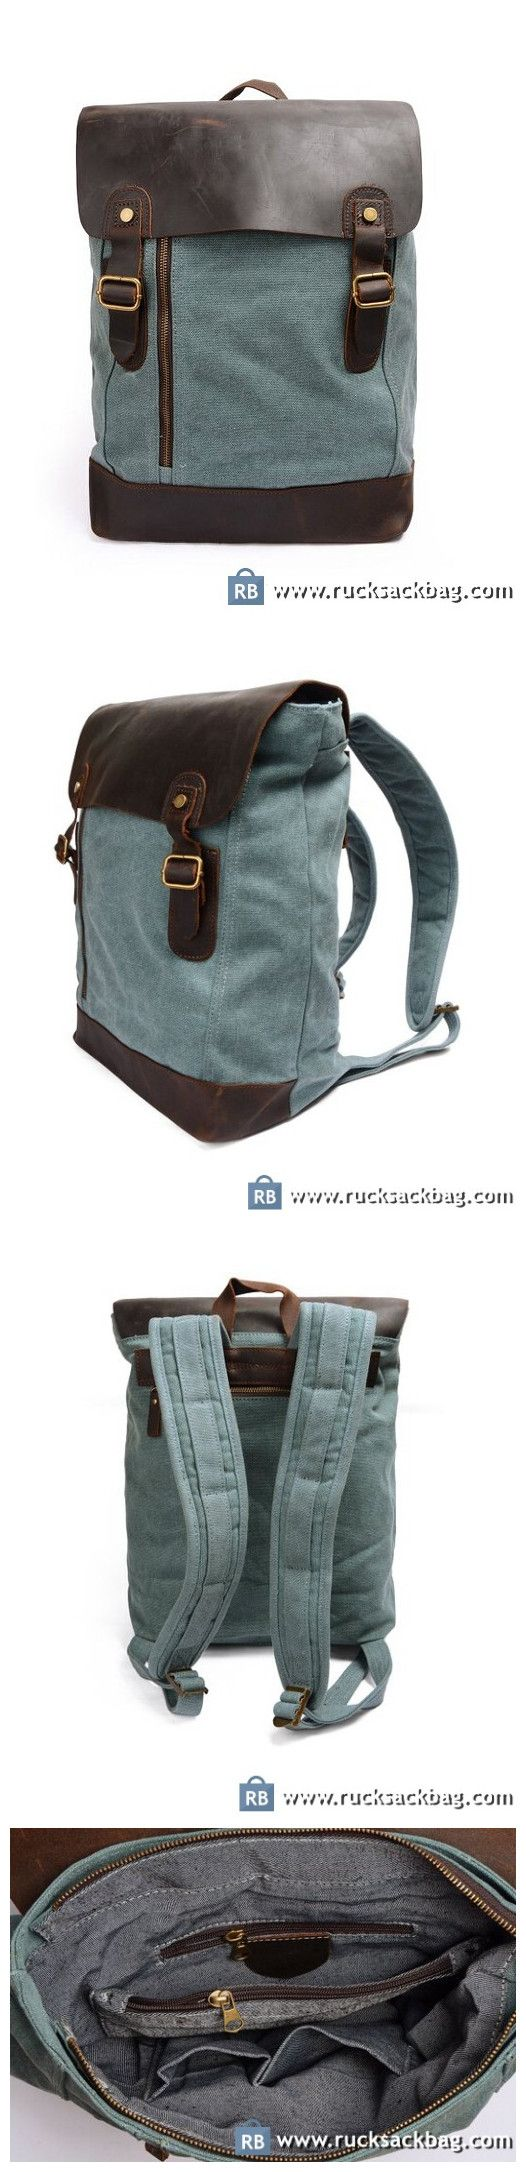 Traveling Backpacks Canvas Travel Backpack Large Rucksack Blue